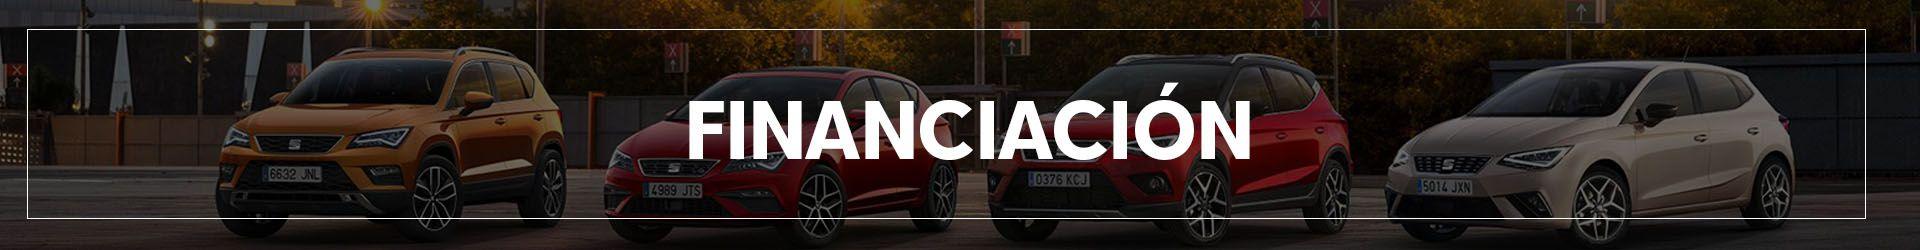 FINANCIACION coches Seat Automoción Terry en Cádiz